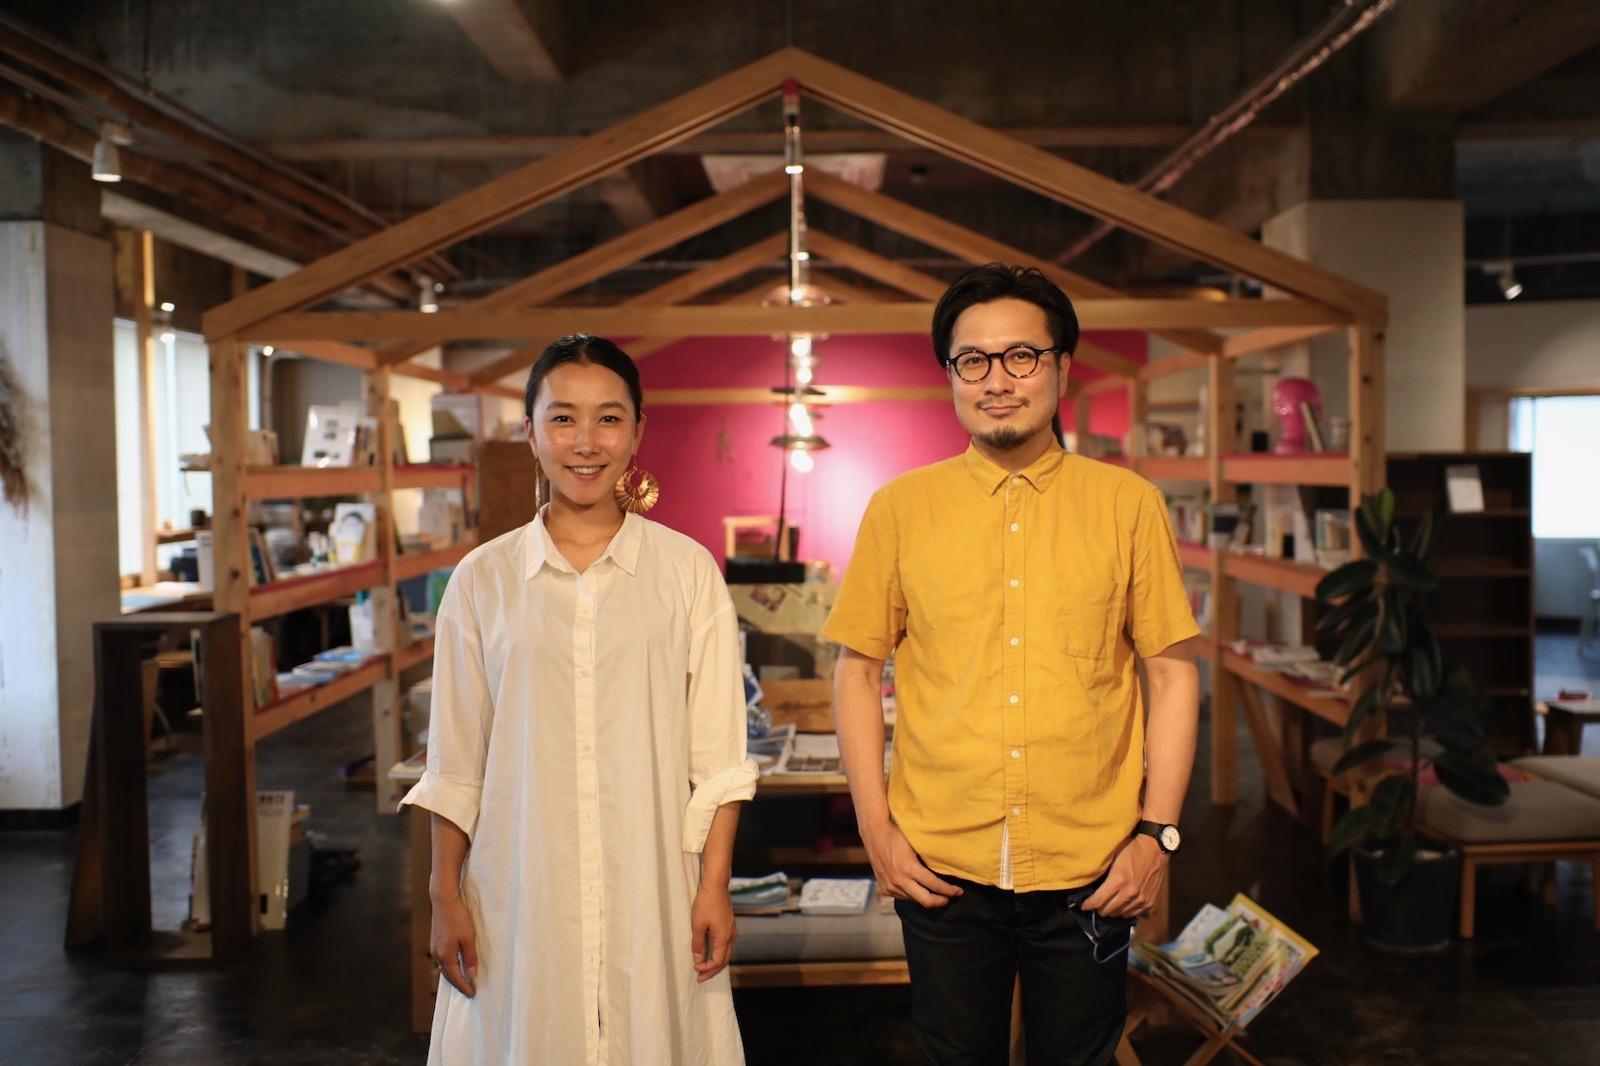 中村さん(左)とおきなさん(右)は、イベントやコミュニティ、プロジェクトを創る会社「visionAreal」の共同代表。